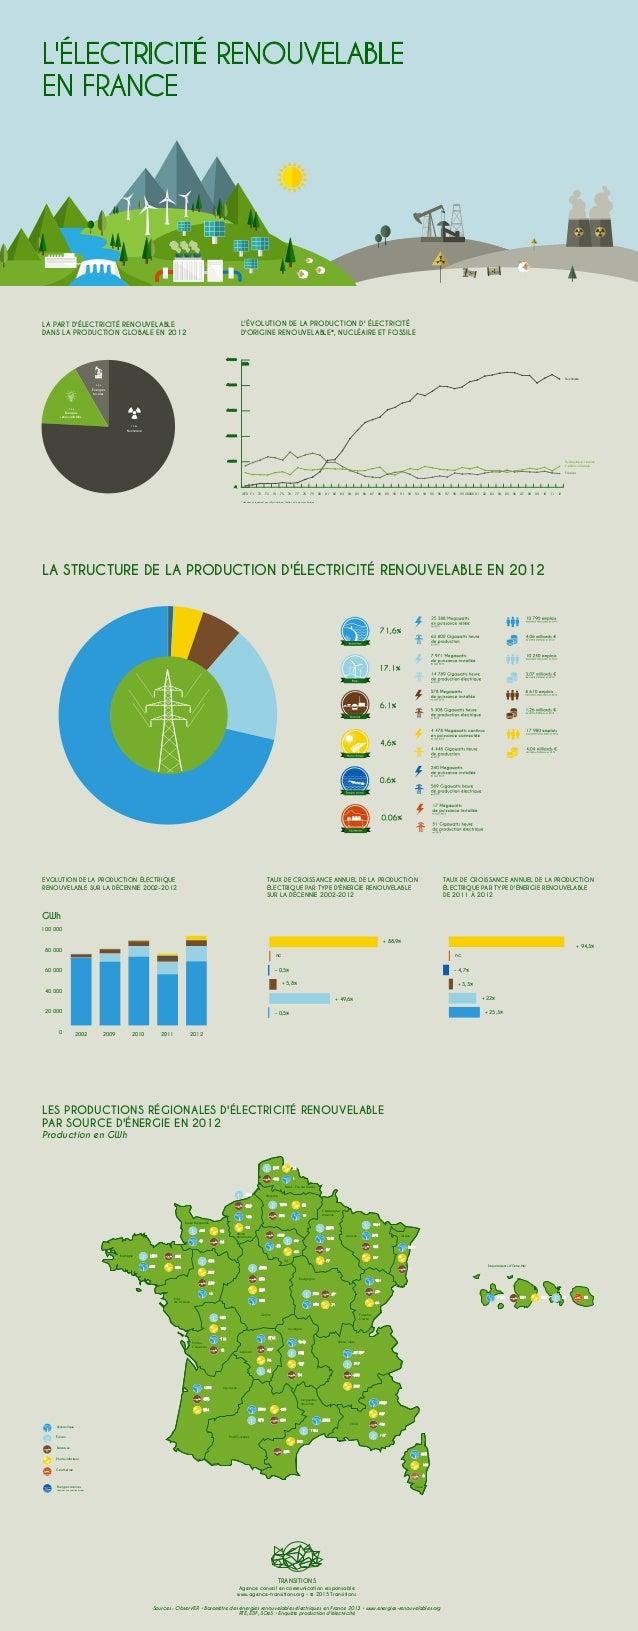 L'ÉLECTRICITÉ RENOUVELABLE EN FRANCE Énergies renouvelables 15,6% Énergies fossiles 8,2% 2002 2009 2010 2011 2012 + 88,9% ...